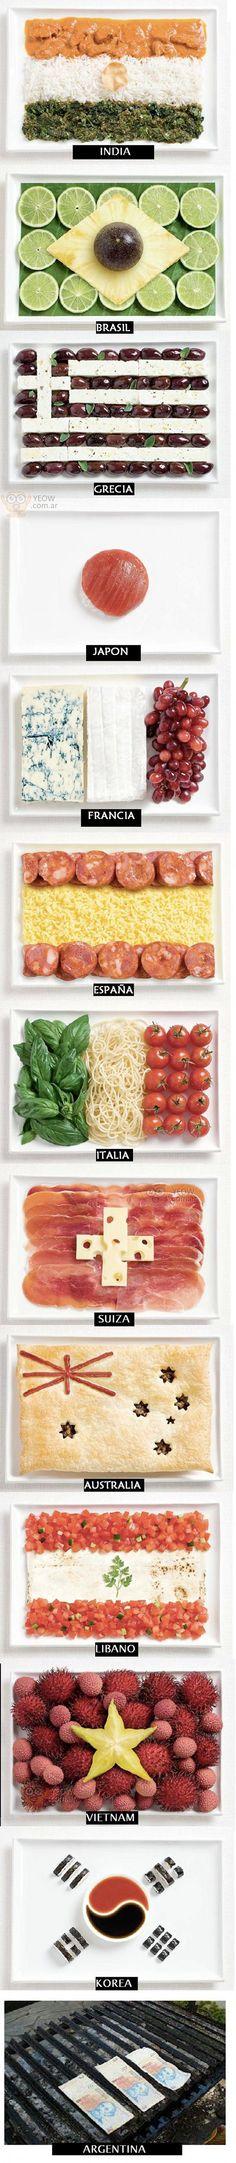 Banderas del Mundo hechas con comida típica de cada país